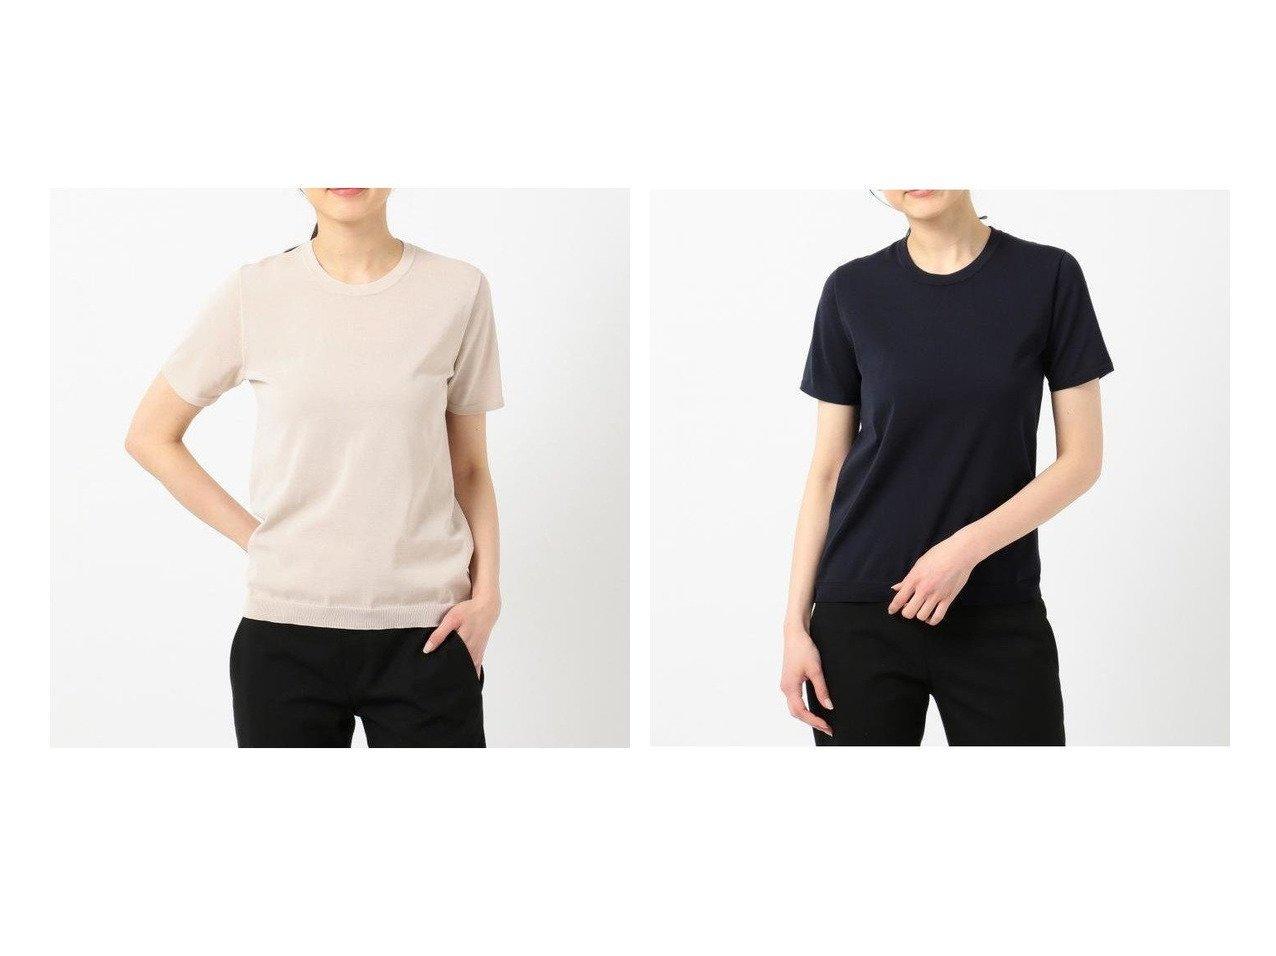 【iCB/アイシービー】のHiTwist Cotton 半袖ニット iCBのおすすめ!人気、トレンド・レディースファッションの通販  おすすめで人気の流行・トレンド、ファッションの通販商品 メンズファッション・キッズファッション・インテリア・家具・レディースファッション・服の通販 founy(ファニー) https://founy.com/ ファッション Fashion レディースファッション WOMEN トップス カットソー Tops Tshirt ニット Knit Tops イエロー インナー コンパクト セーター ベーシック ホールガーメント 人気 半袖 定番 Standard |ID:crp329100000022109